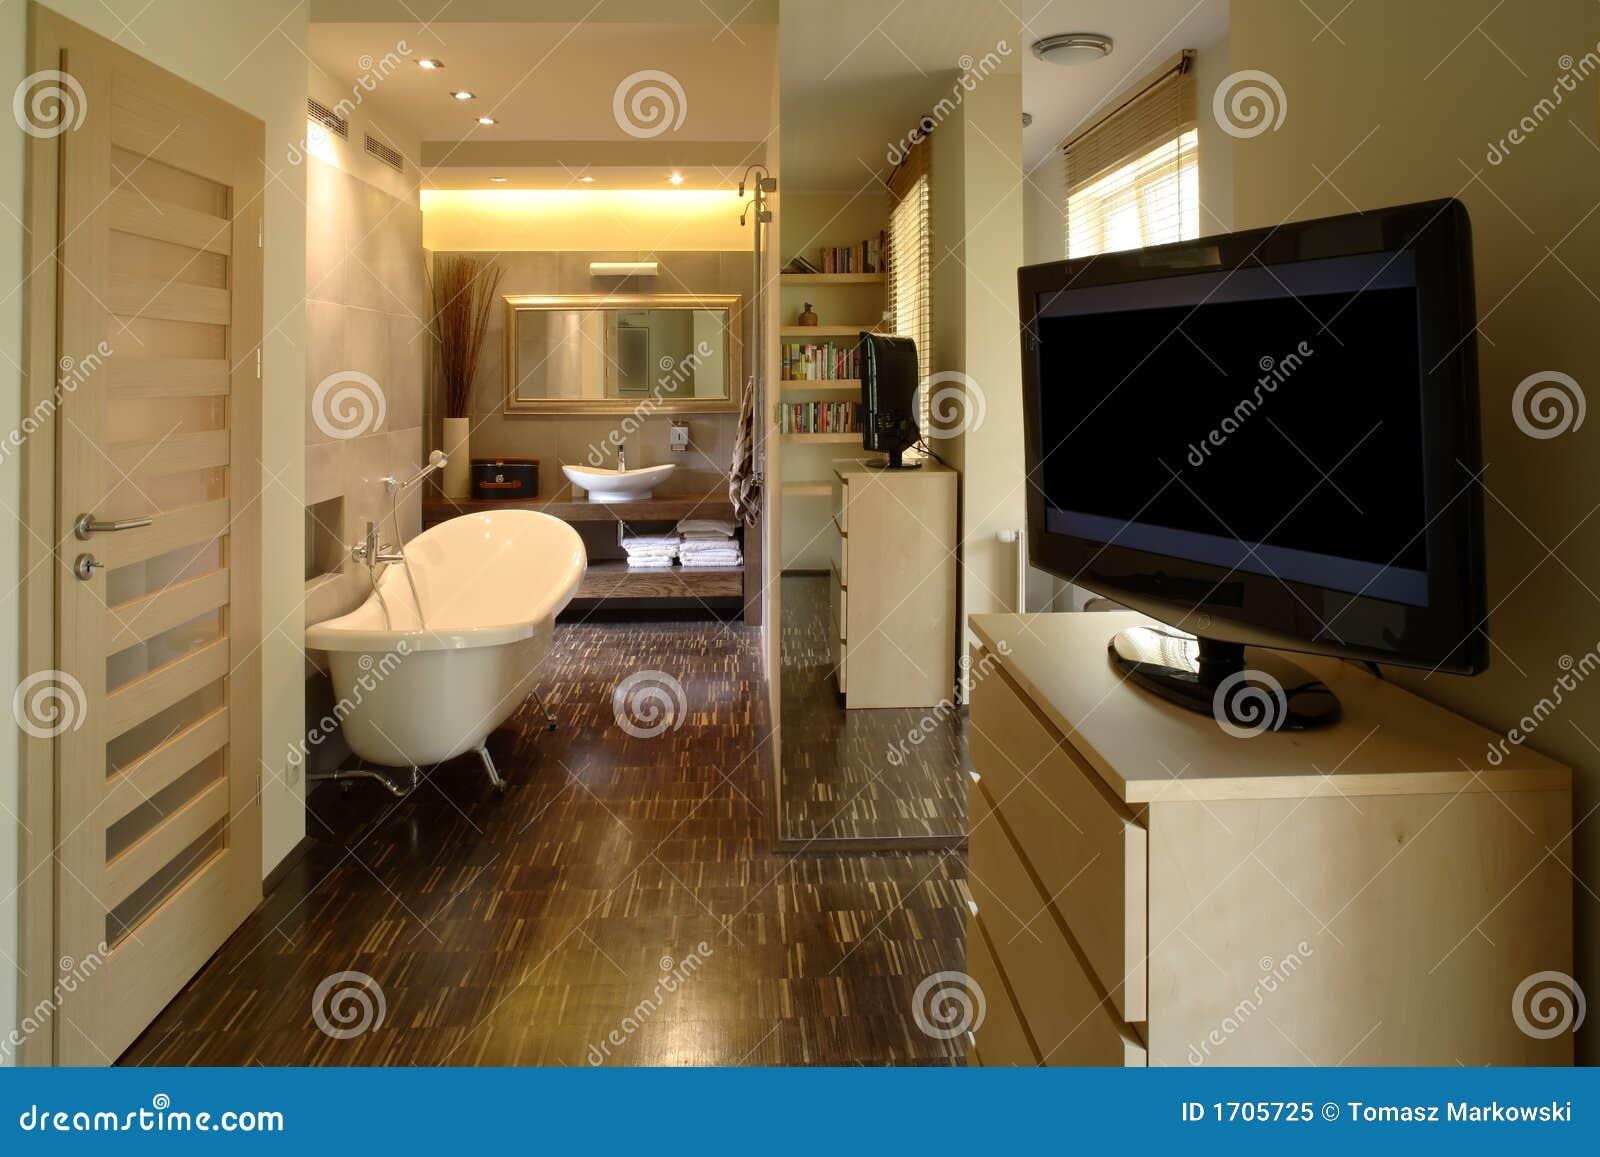 Quarto E Banheiro Do Apartamento Luxuoso Foto de Stock Royalty Free  #87A823 1300 957